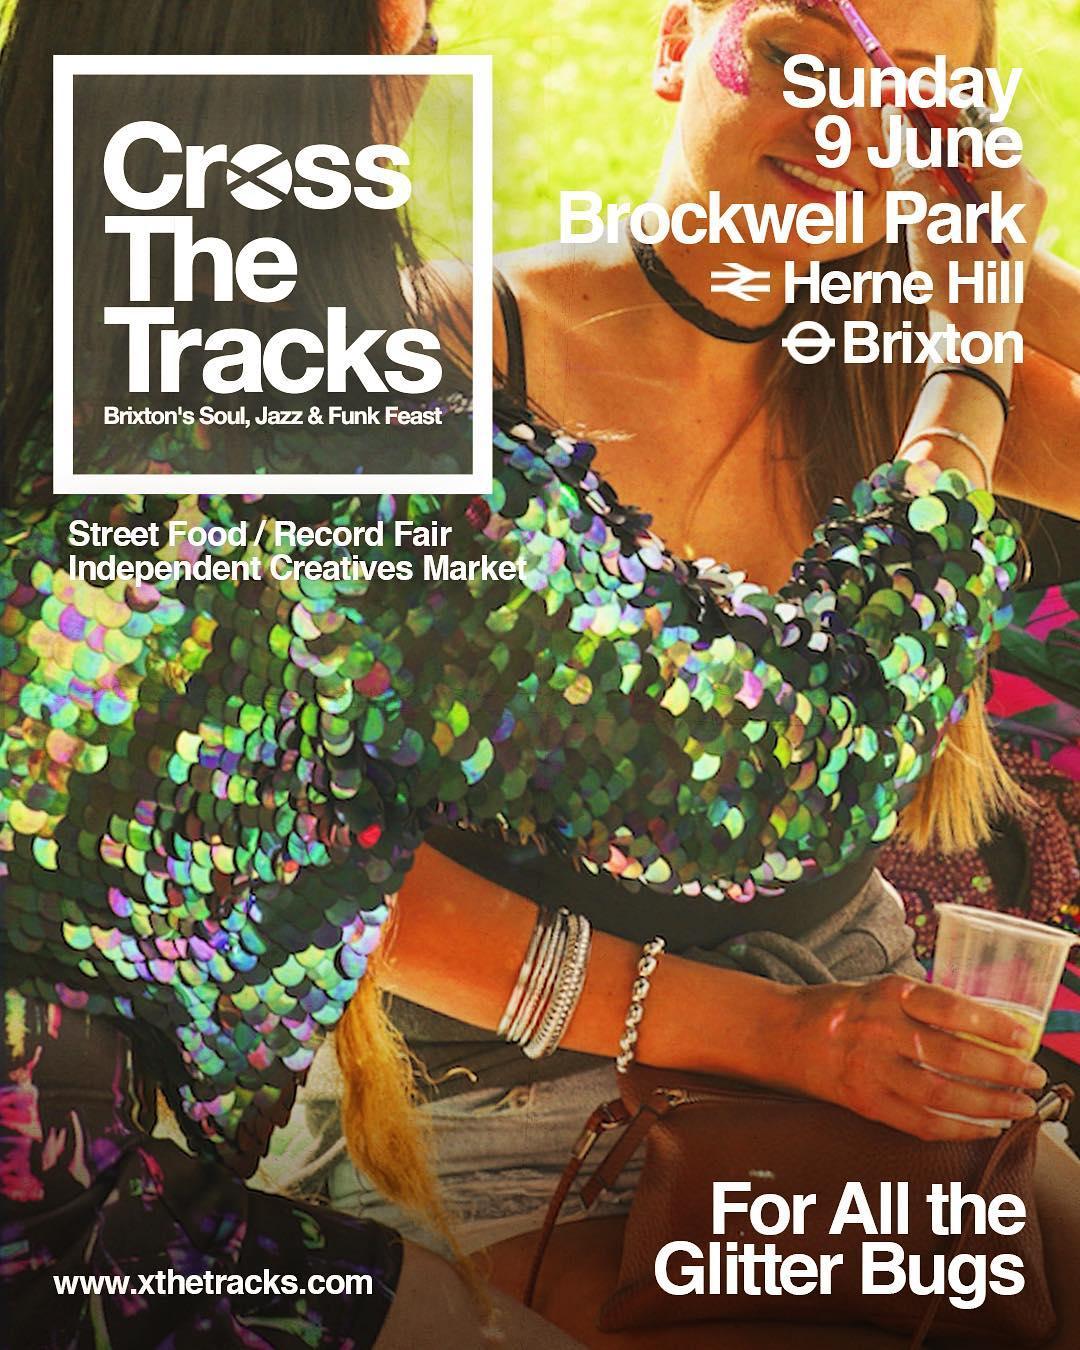 Cross Tracks Festival London